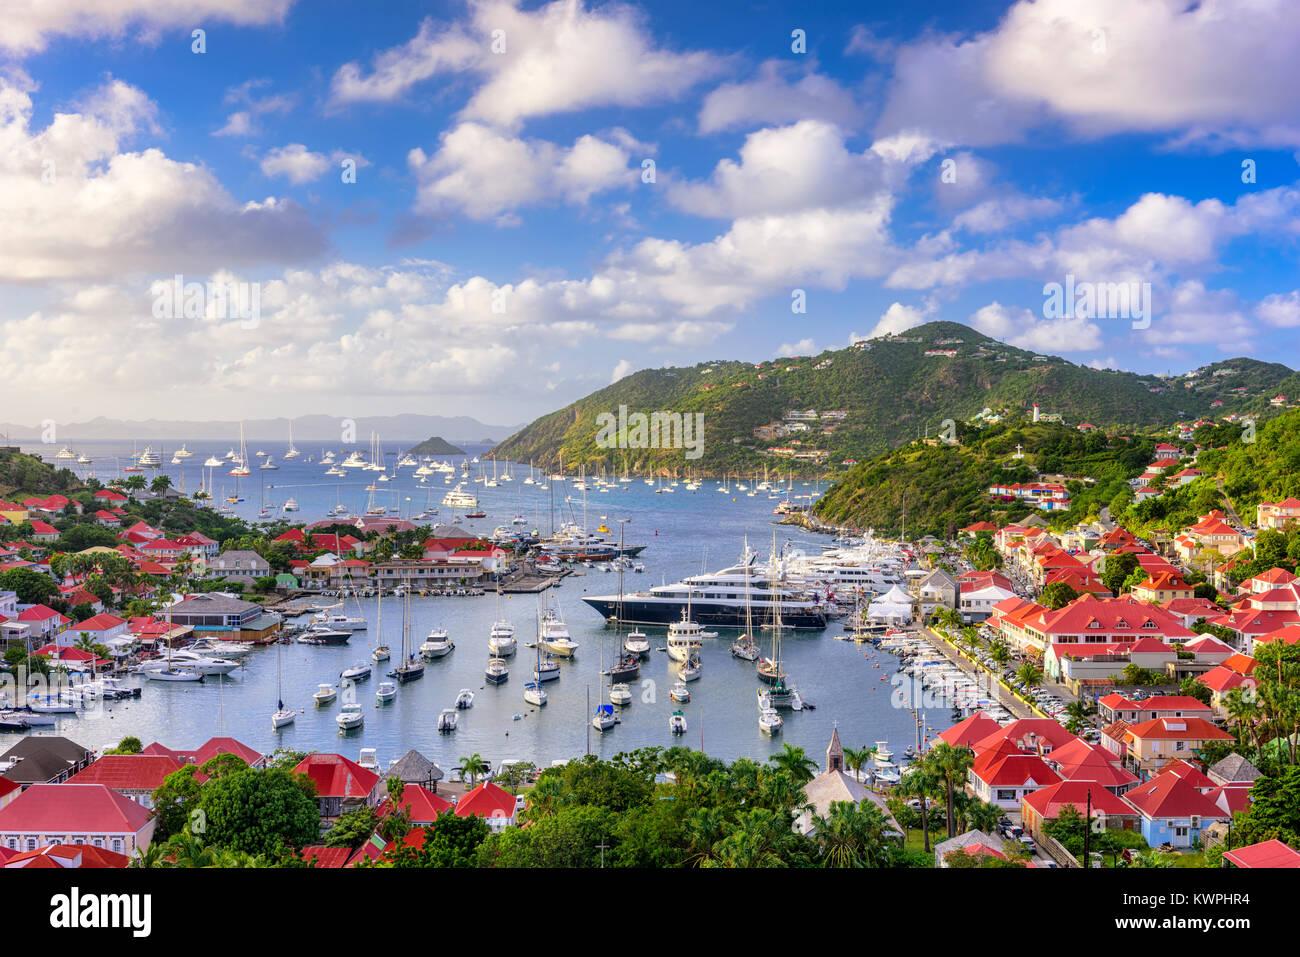 Le port et les toits de Saint Barthelemy dans les Antilles des Caraïbes. Banque D'Images